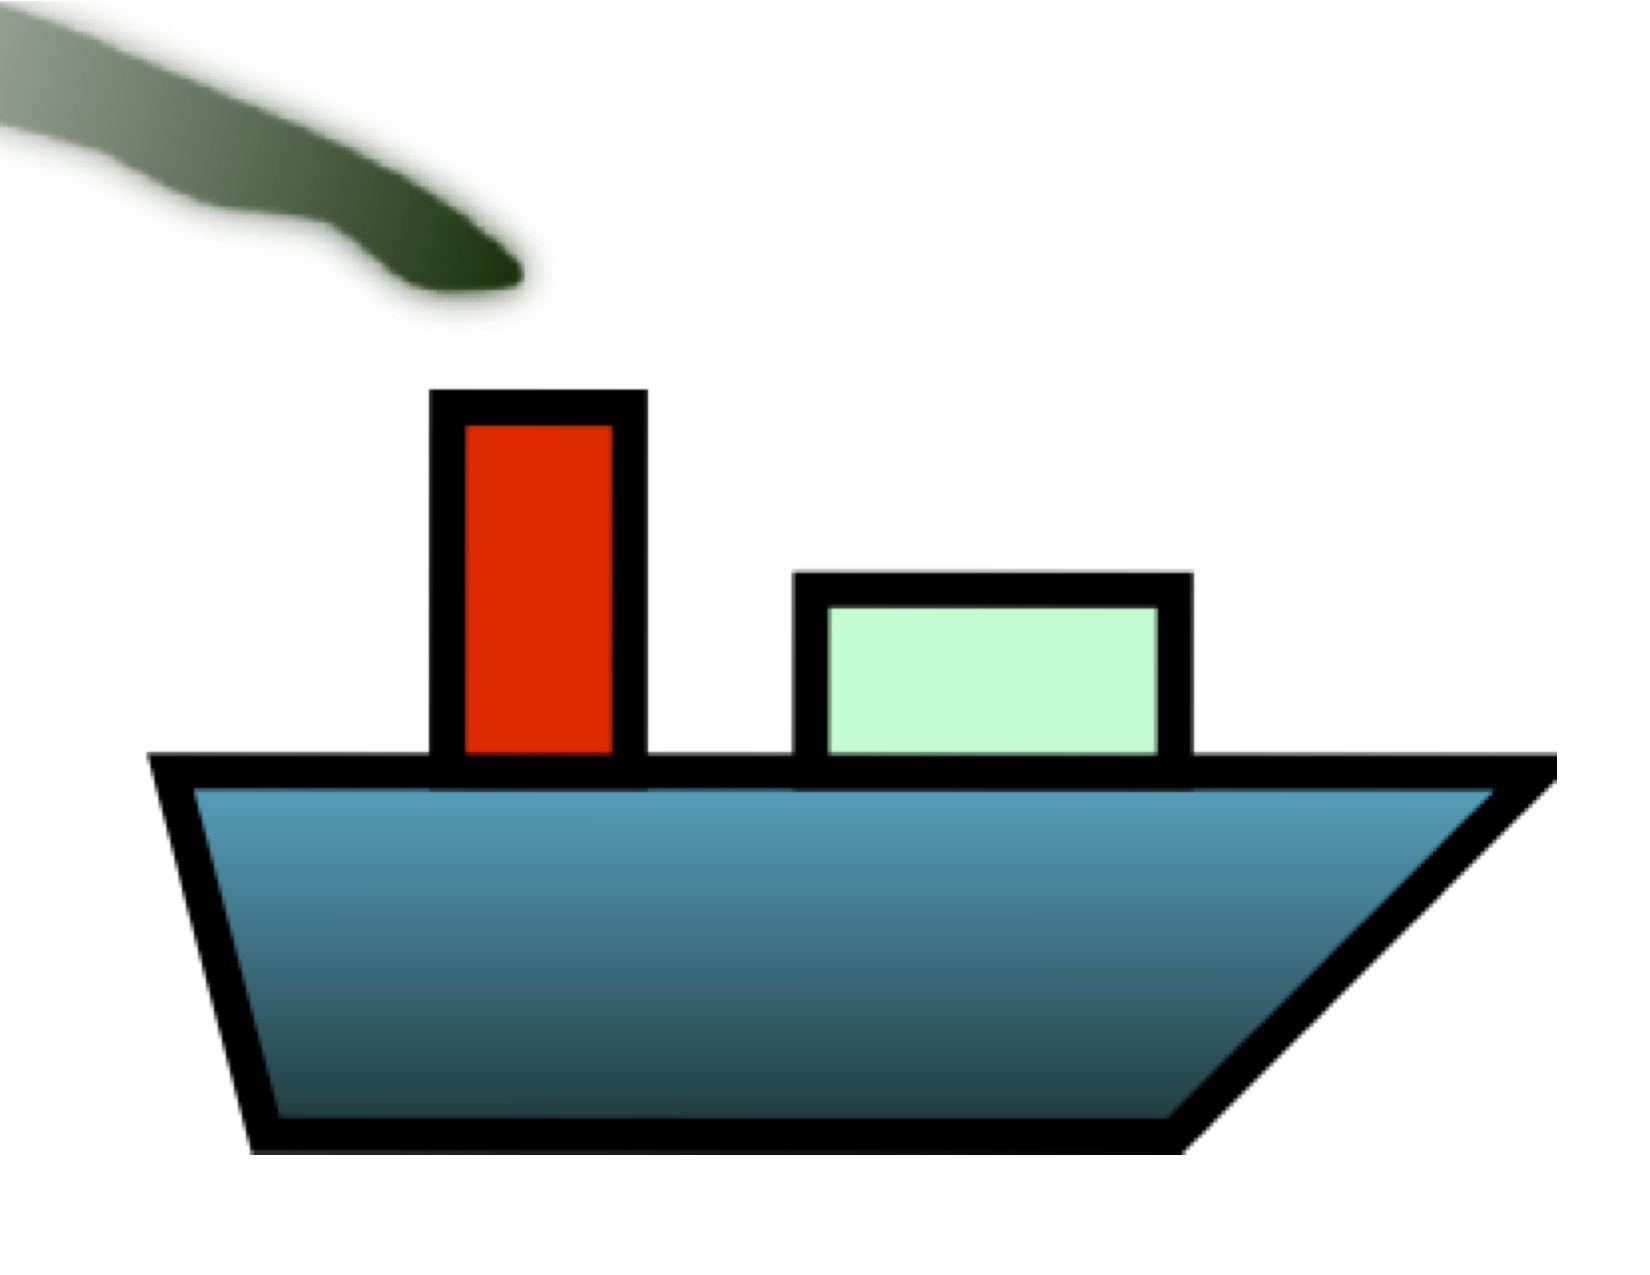 Cargo ship clip art 2